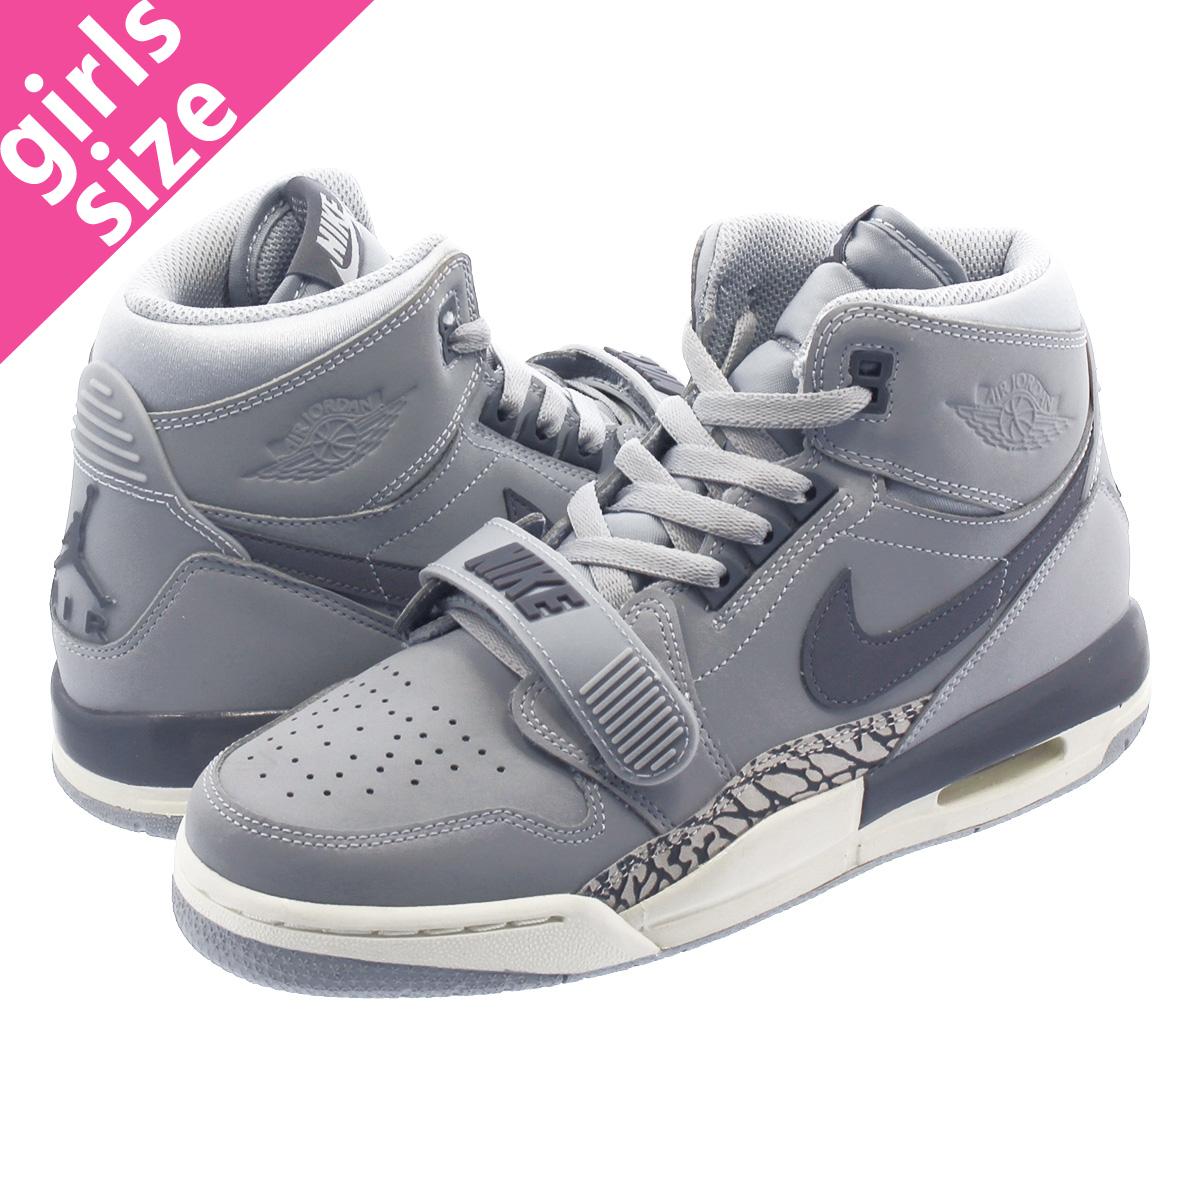 more photos e3128 d8a83 NIKE AIR JORDAN LEGACY 312 GS Nike Air Jordan Legacy 312 GS WOLF GREY LIGHT  GRAPHITE SAIL at4040-002